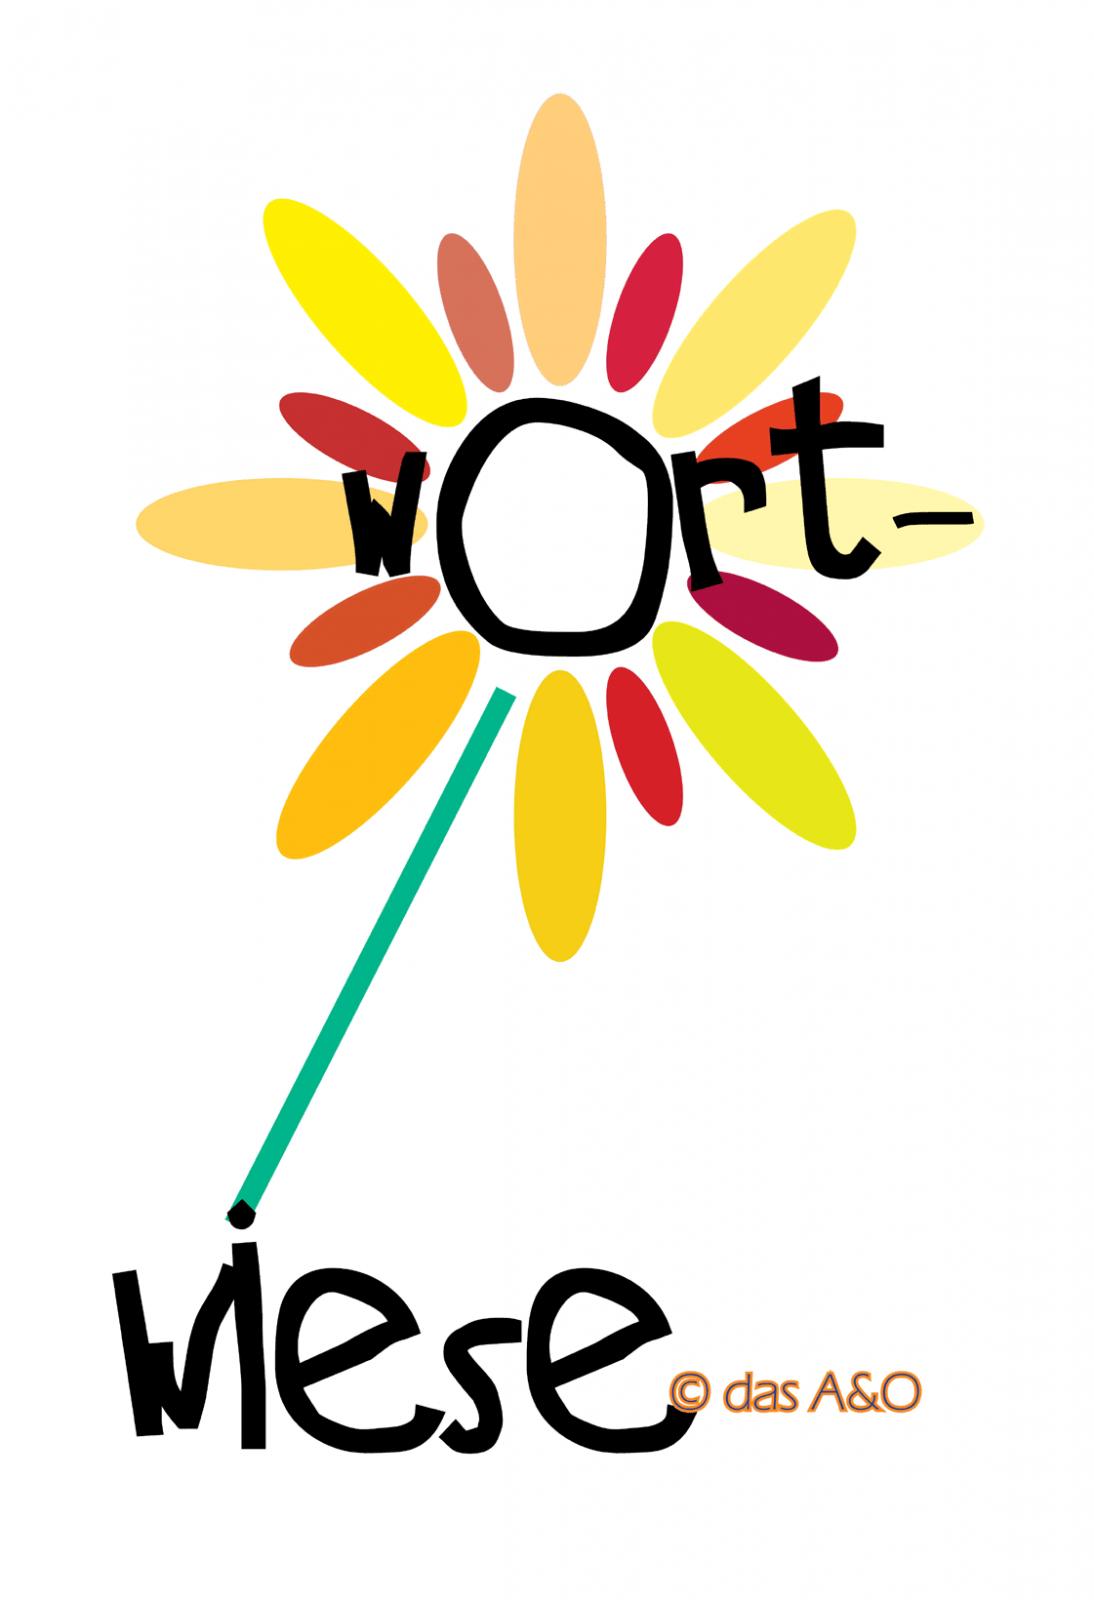 """Illustration einer gelb-orange Blume mit der eingefügten Beschriftung """"Wortwiese"""""""